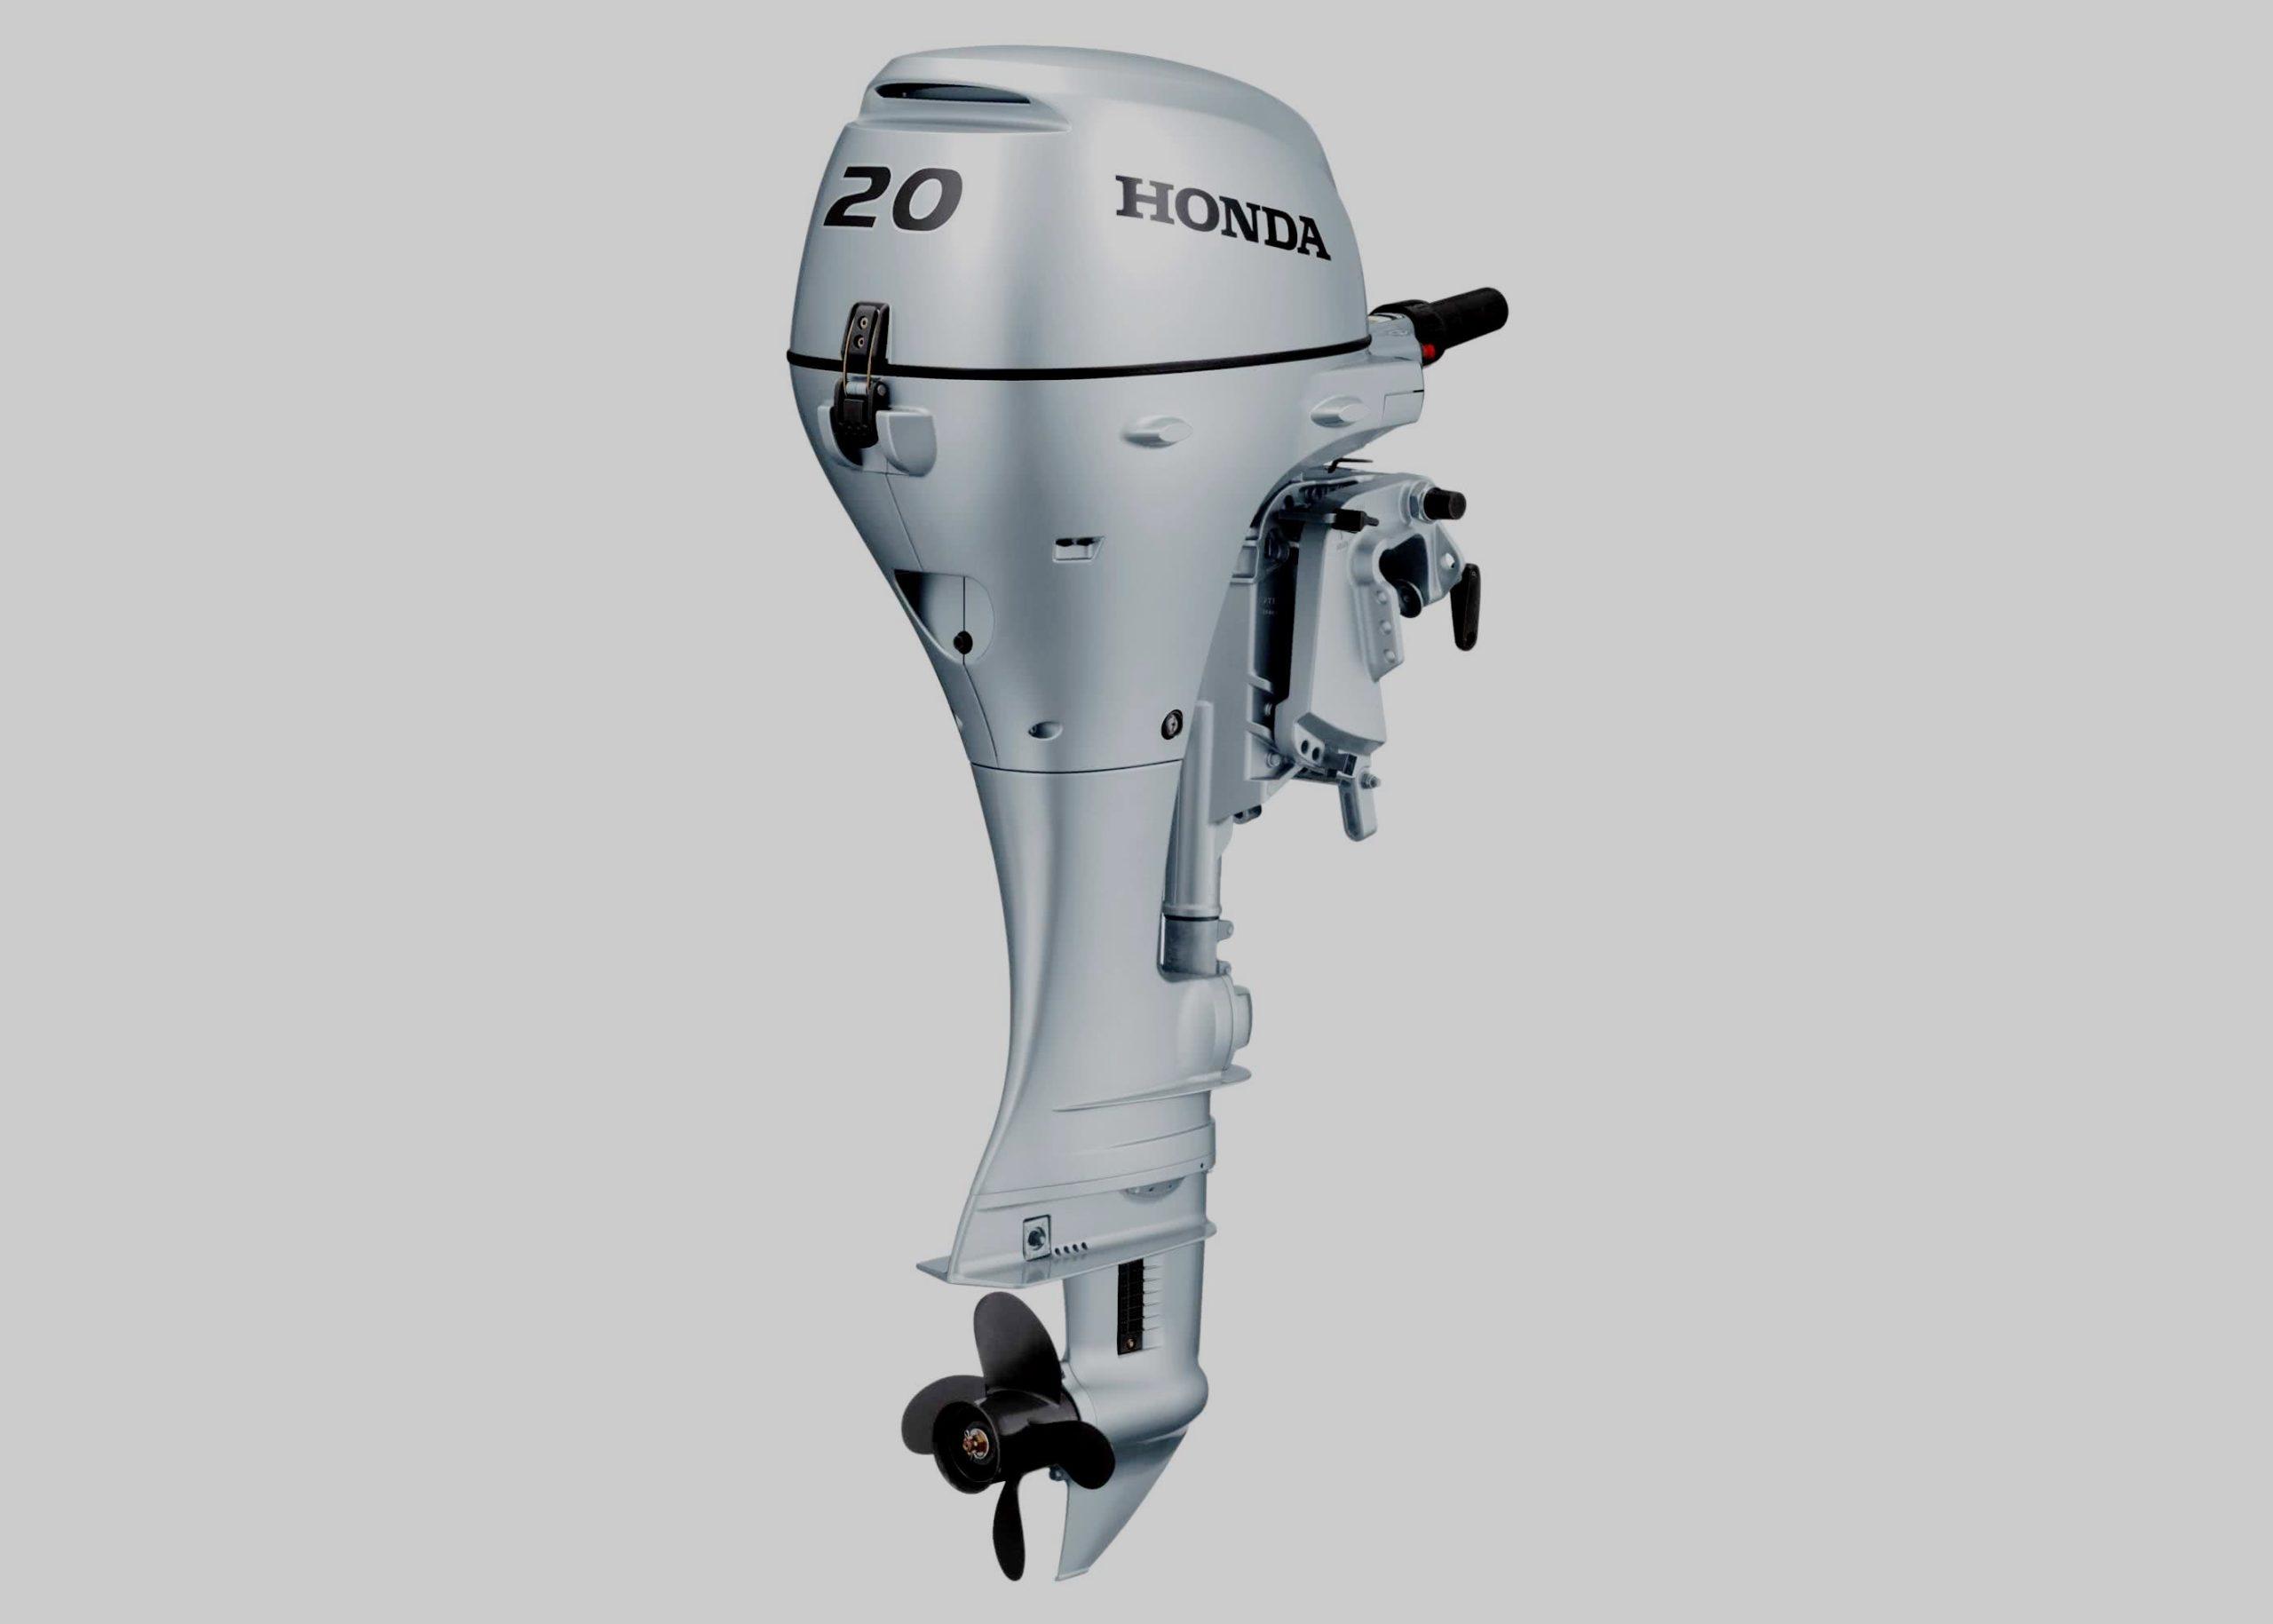 Honda BF 20 D3 SHSU